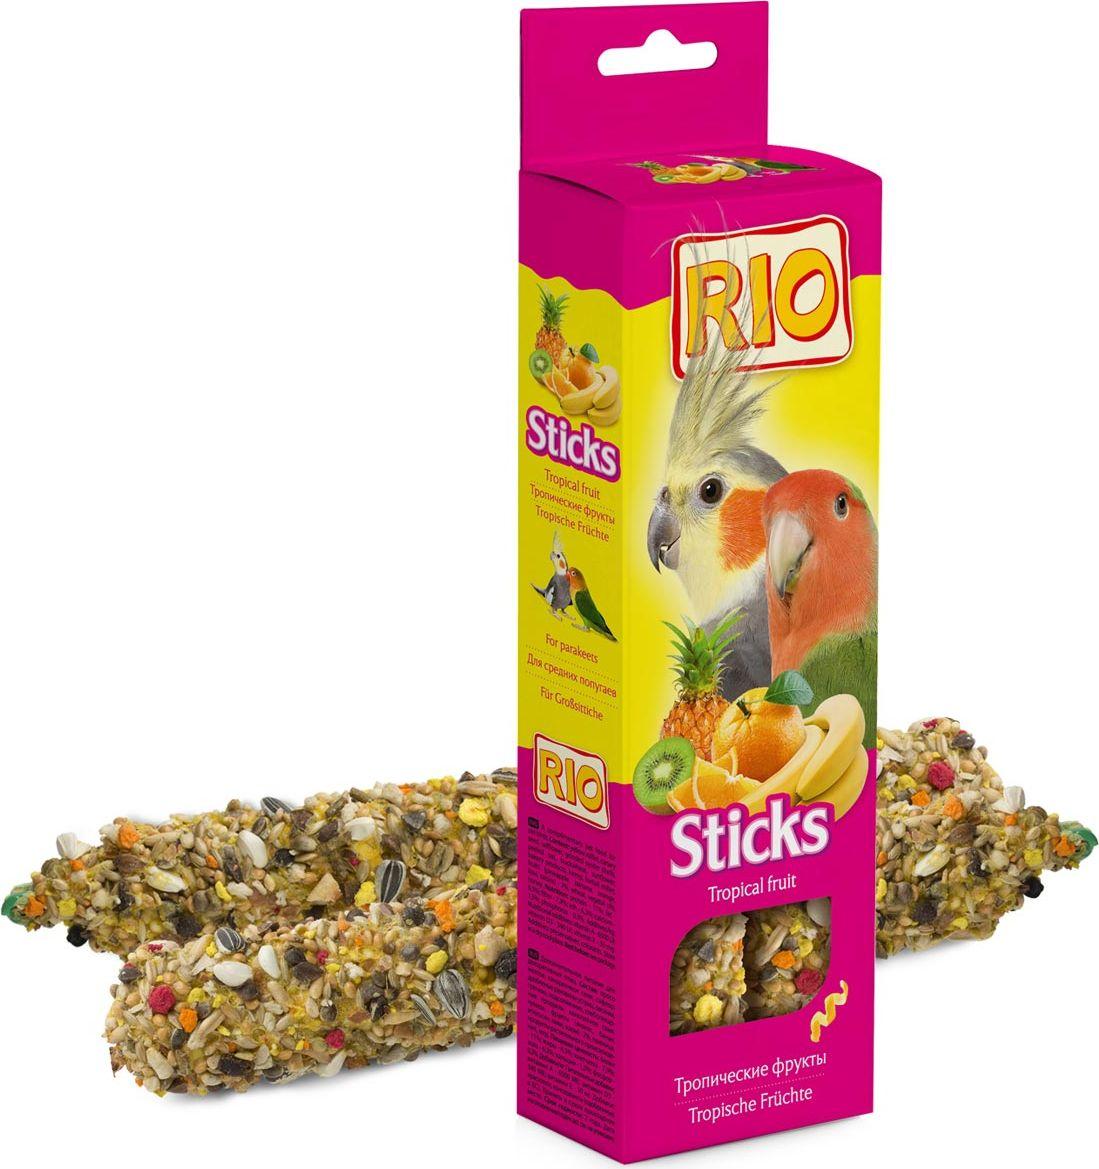 Палочки для средних попугаев Rio, с тропическими фруктами, 2 х 75 г rio rio палочки для средних попугаев с тропическими фруктами 2 шт 75 г